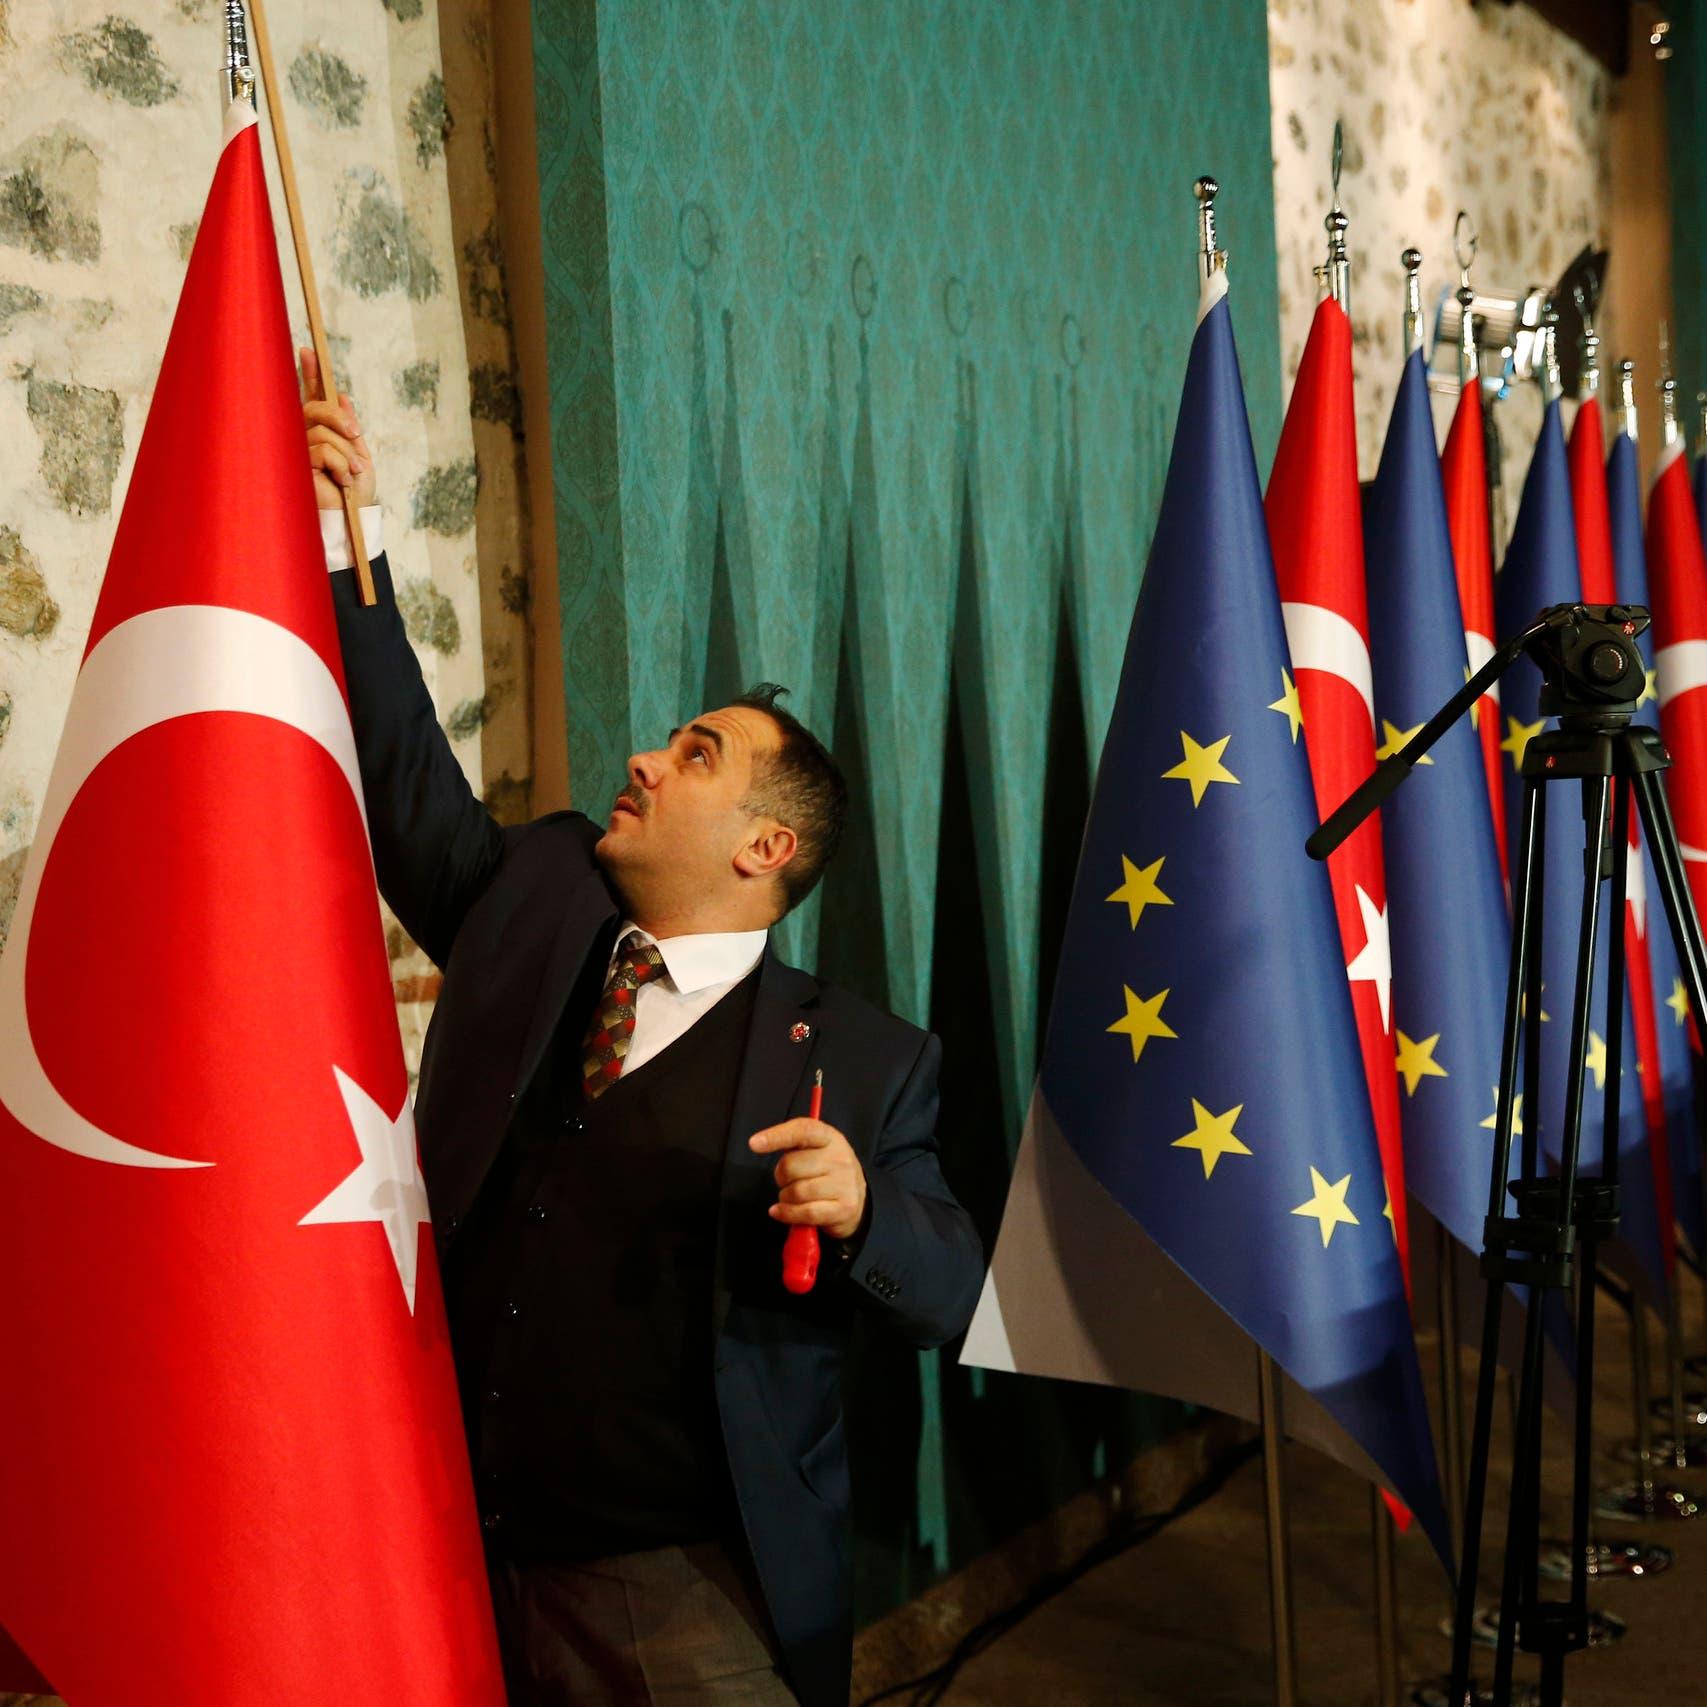 القمة الأوروبية تتجه لمعاقبة شخصيات وكيانات تركية